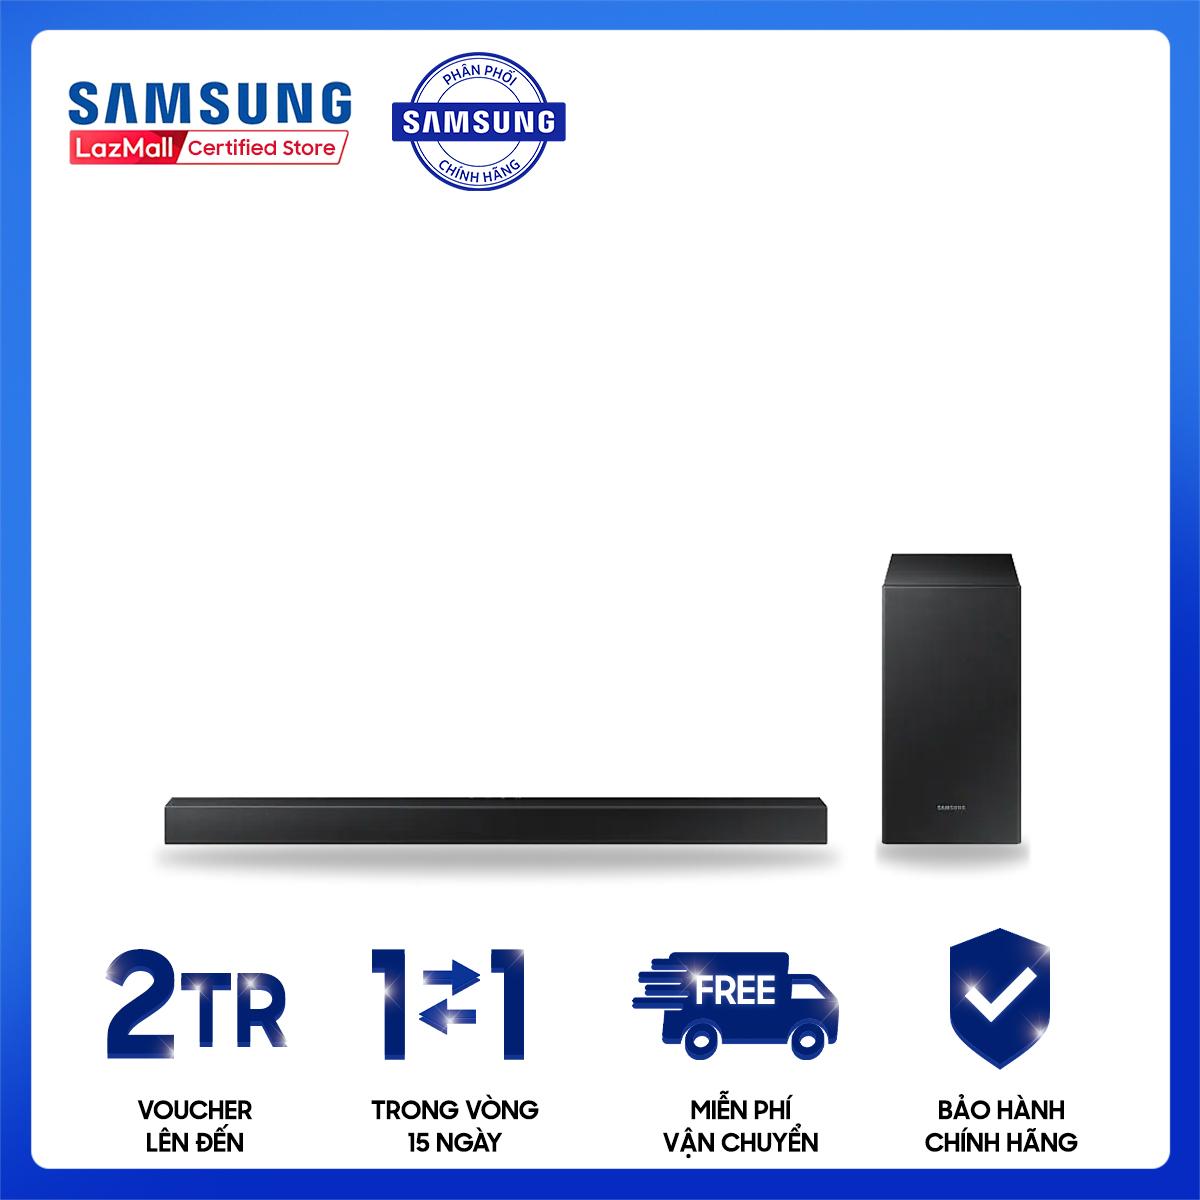 Loa thanh Samsung 2.1ch 200W HW-T450/XV[Hàng chính hãng, Miễn phí vận chuyển]